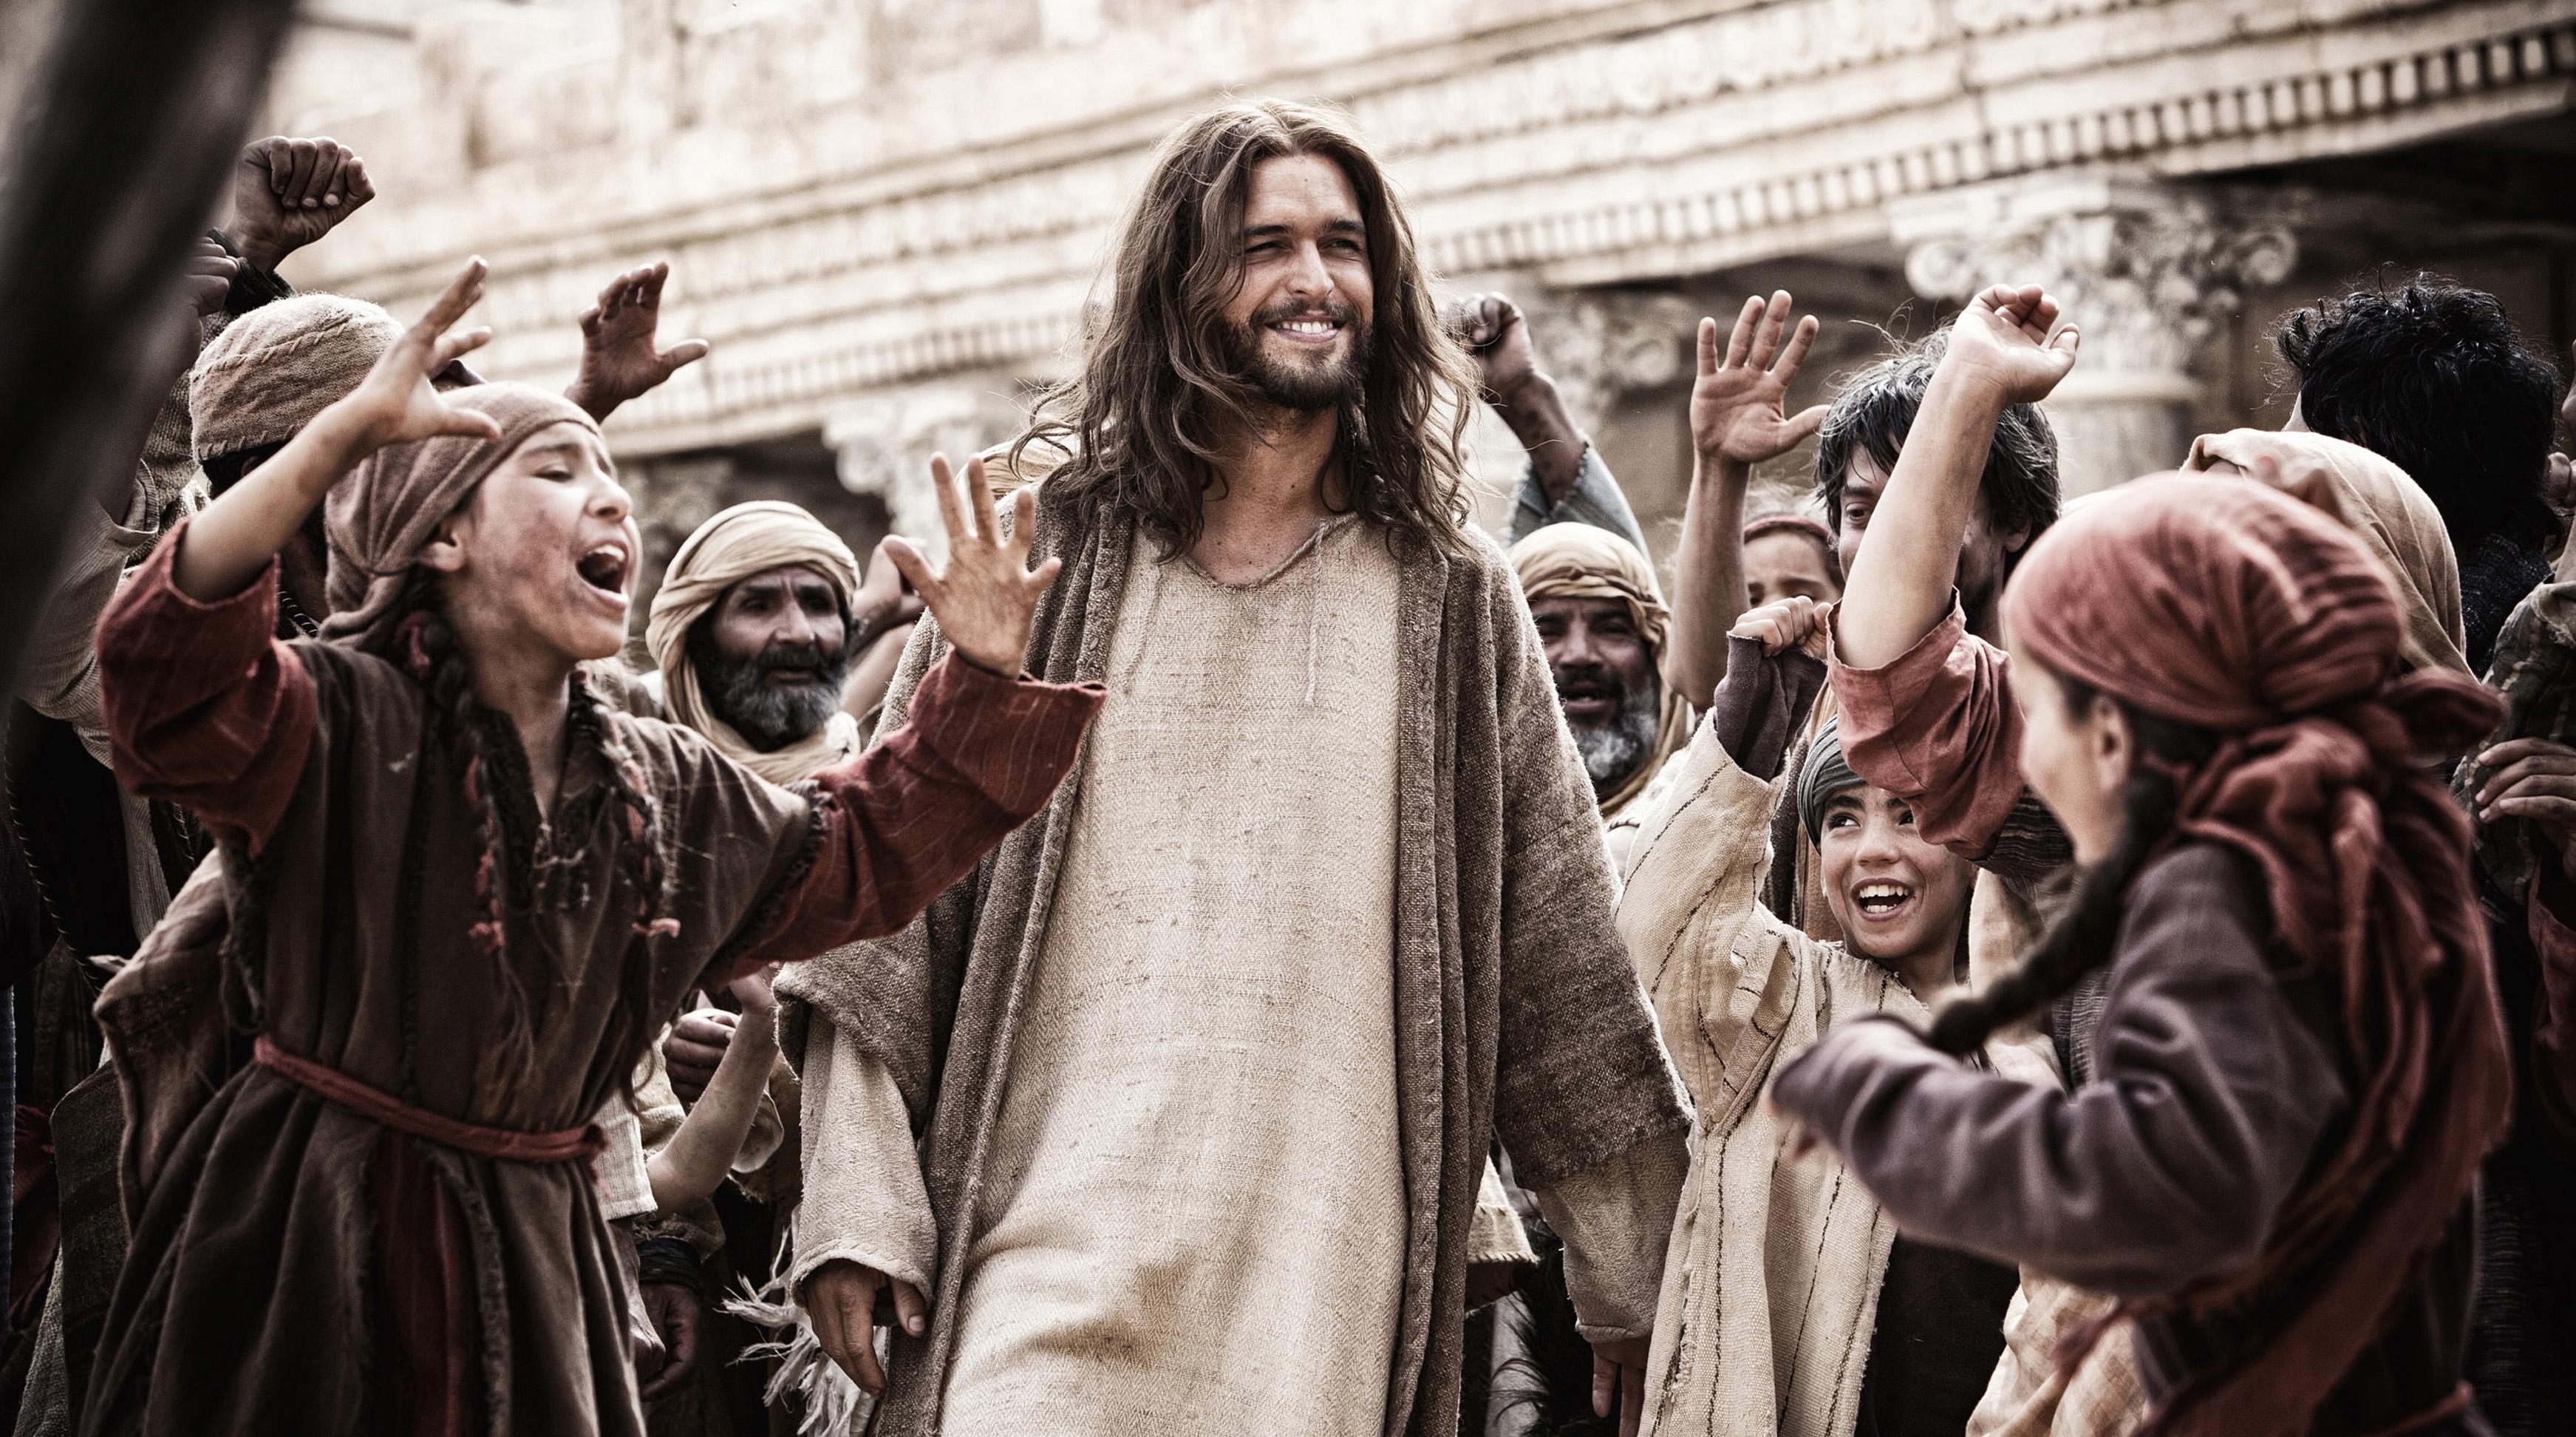 Diogo Morgado as Jesus in  Son of God.